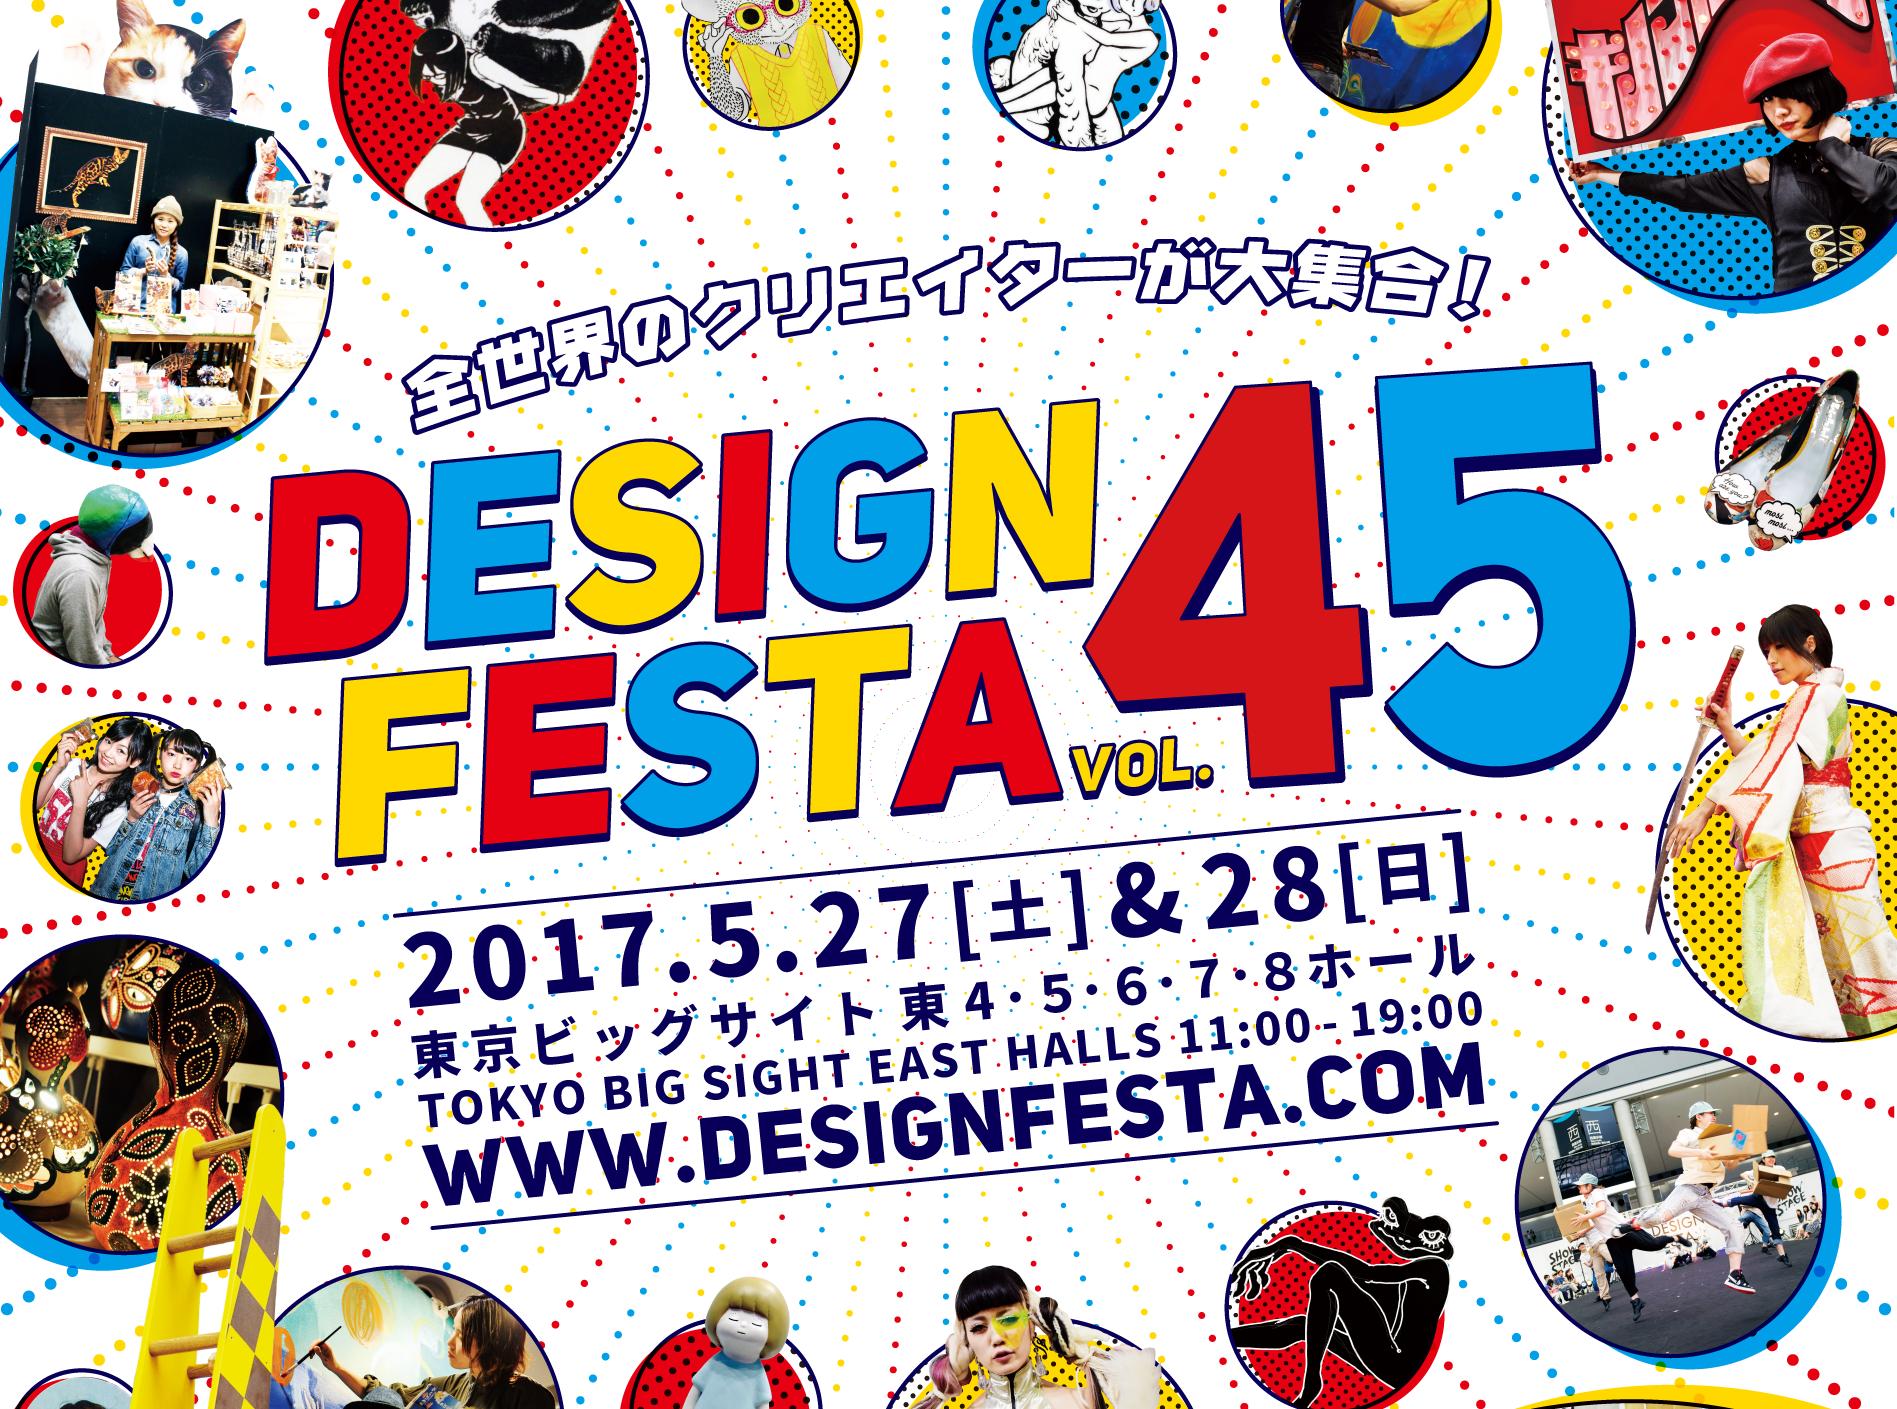 DESIGNE FESTA vol.45 ご来場ありがとうございました!!